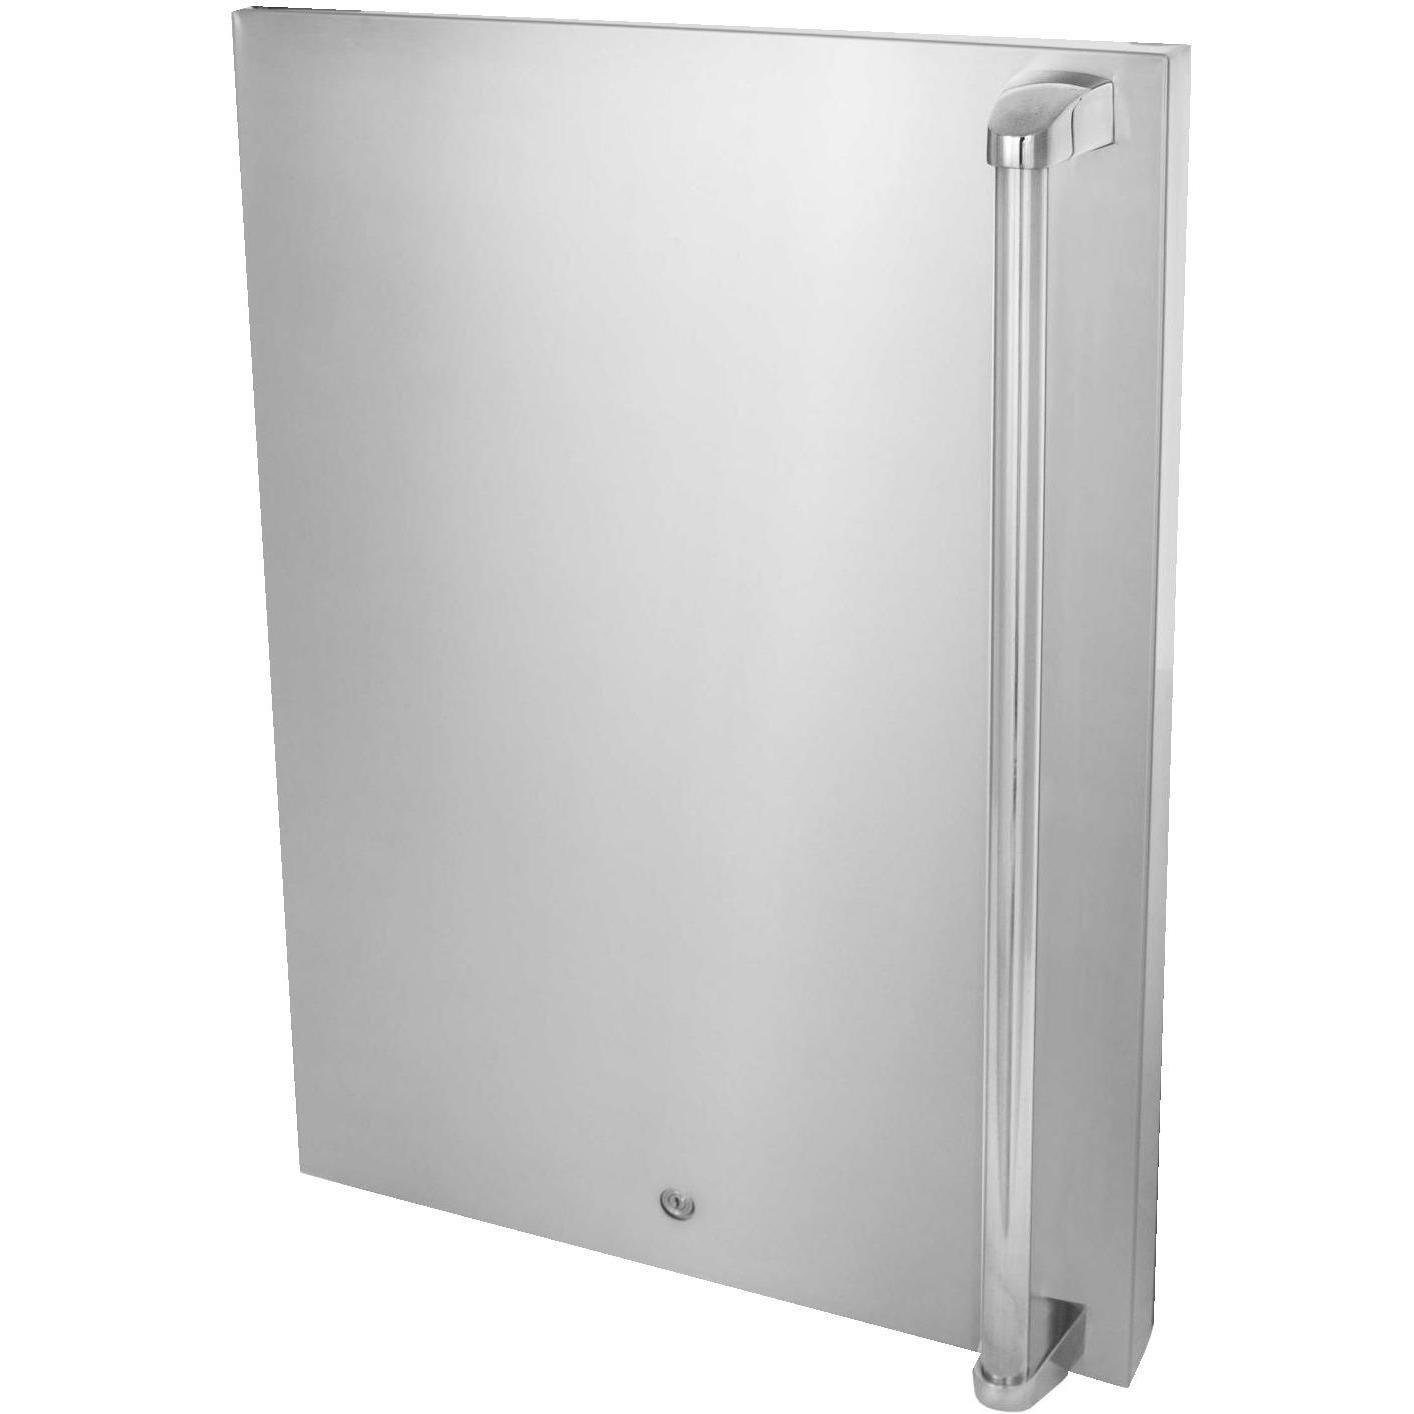 Blaze Left Hinged Stainless Steel Door Upgrade (BLZ-SSFP-4-5LH),